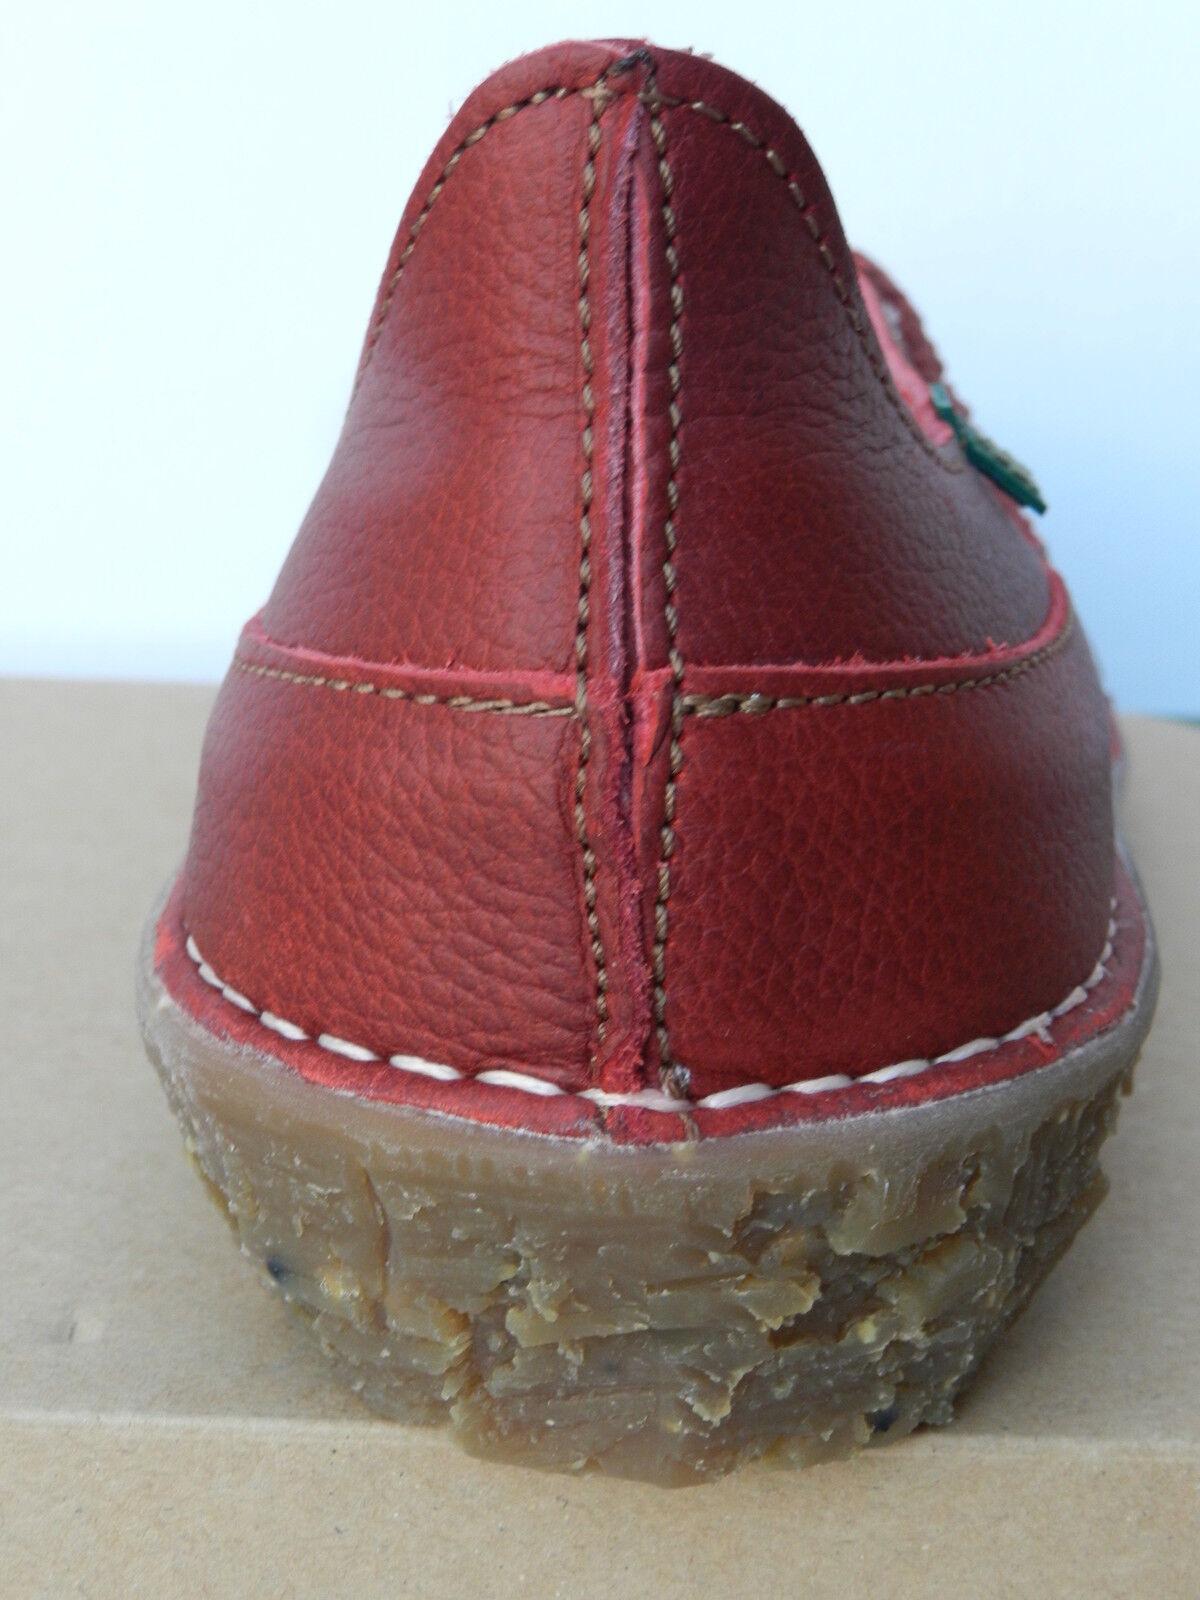 El Naturalista Savia n009 shoes Femme 36 36 36 Ballerines Sandales Babies UK3 New 812f6c